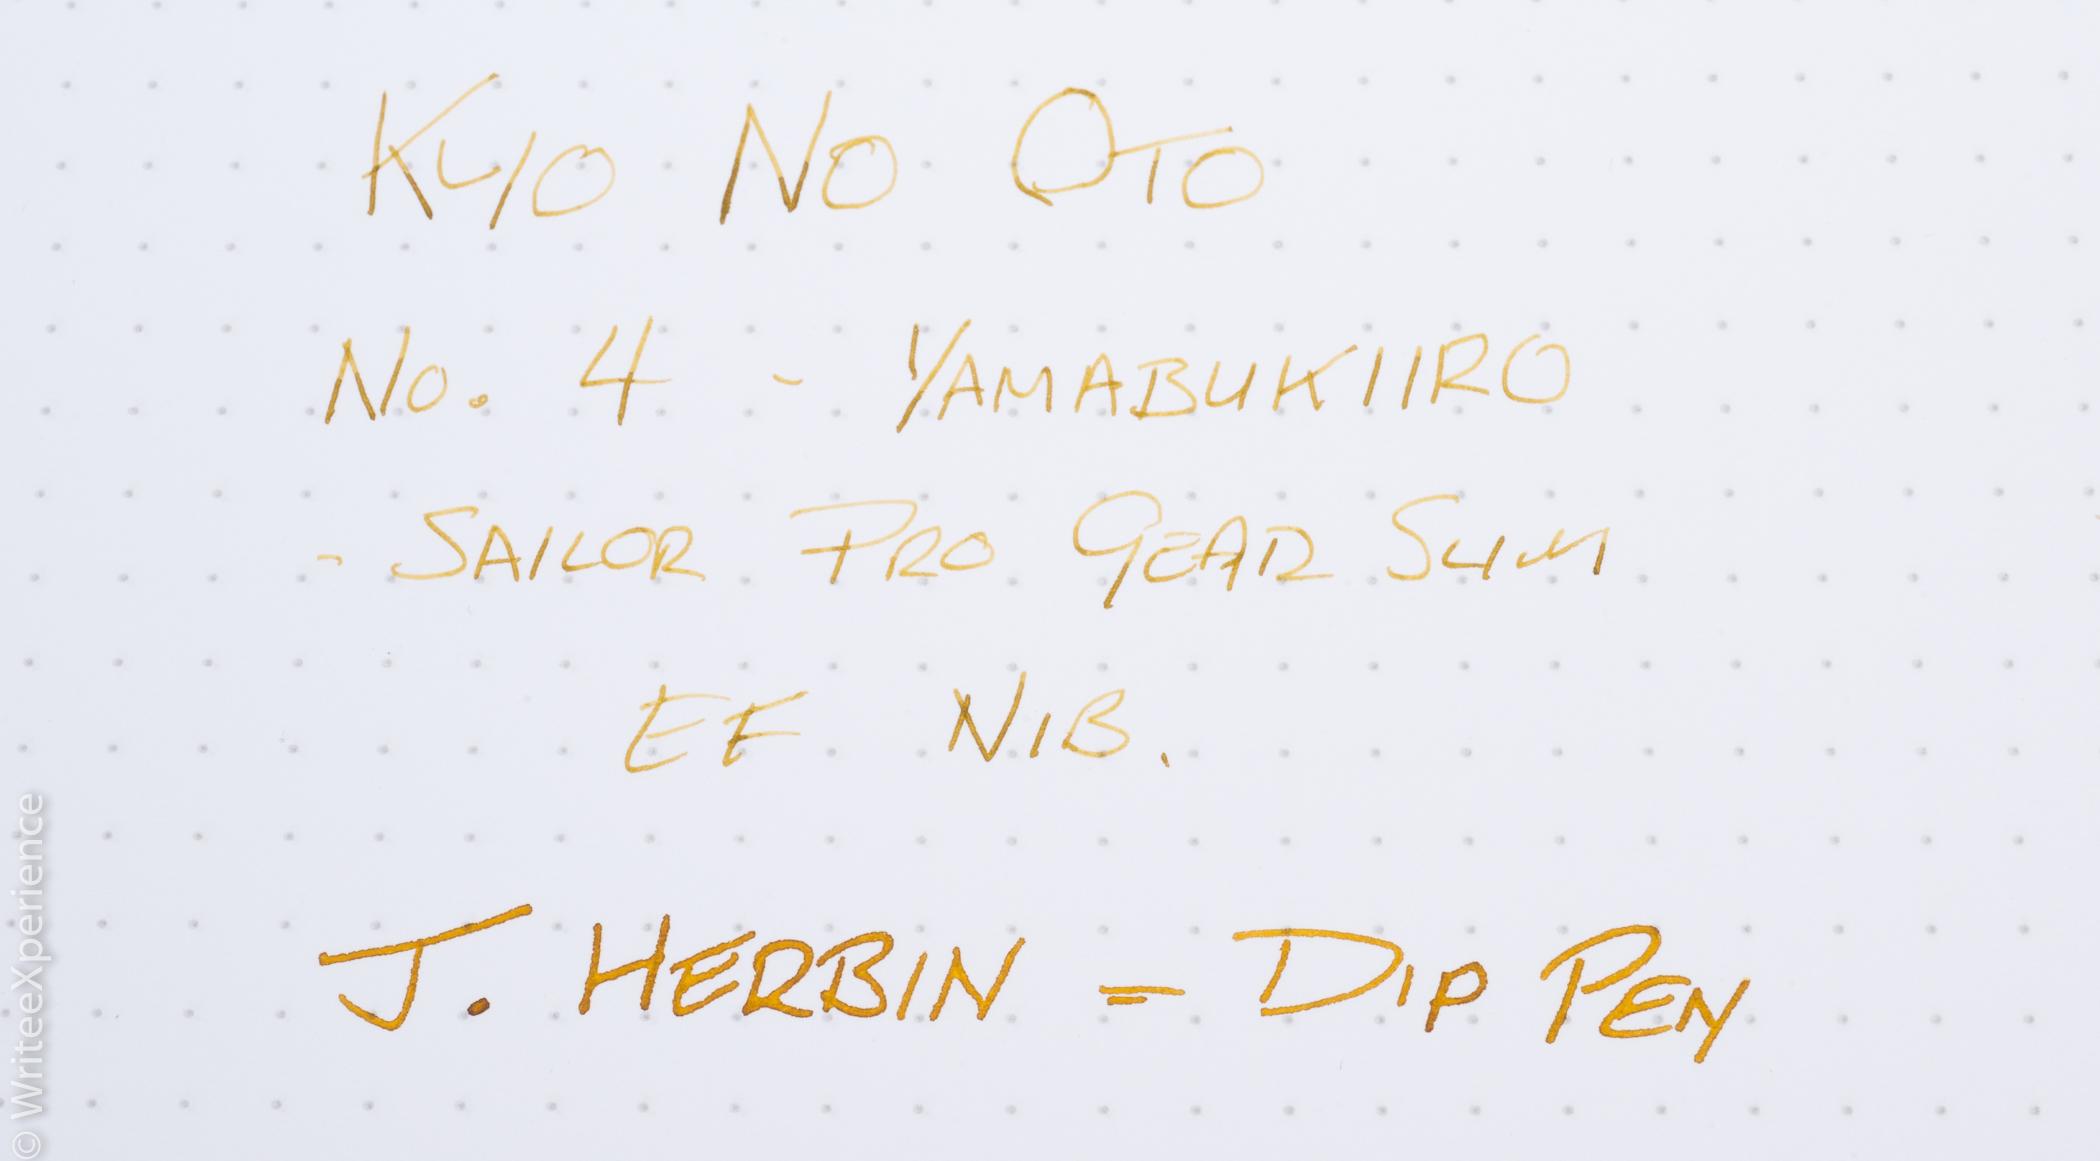 WriteeXperience-Kyo_no_Oto_Yamabukiiro_Fountain_Pen_Ink-6.jpg